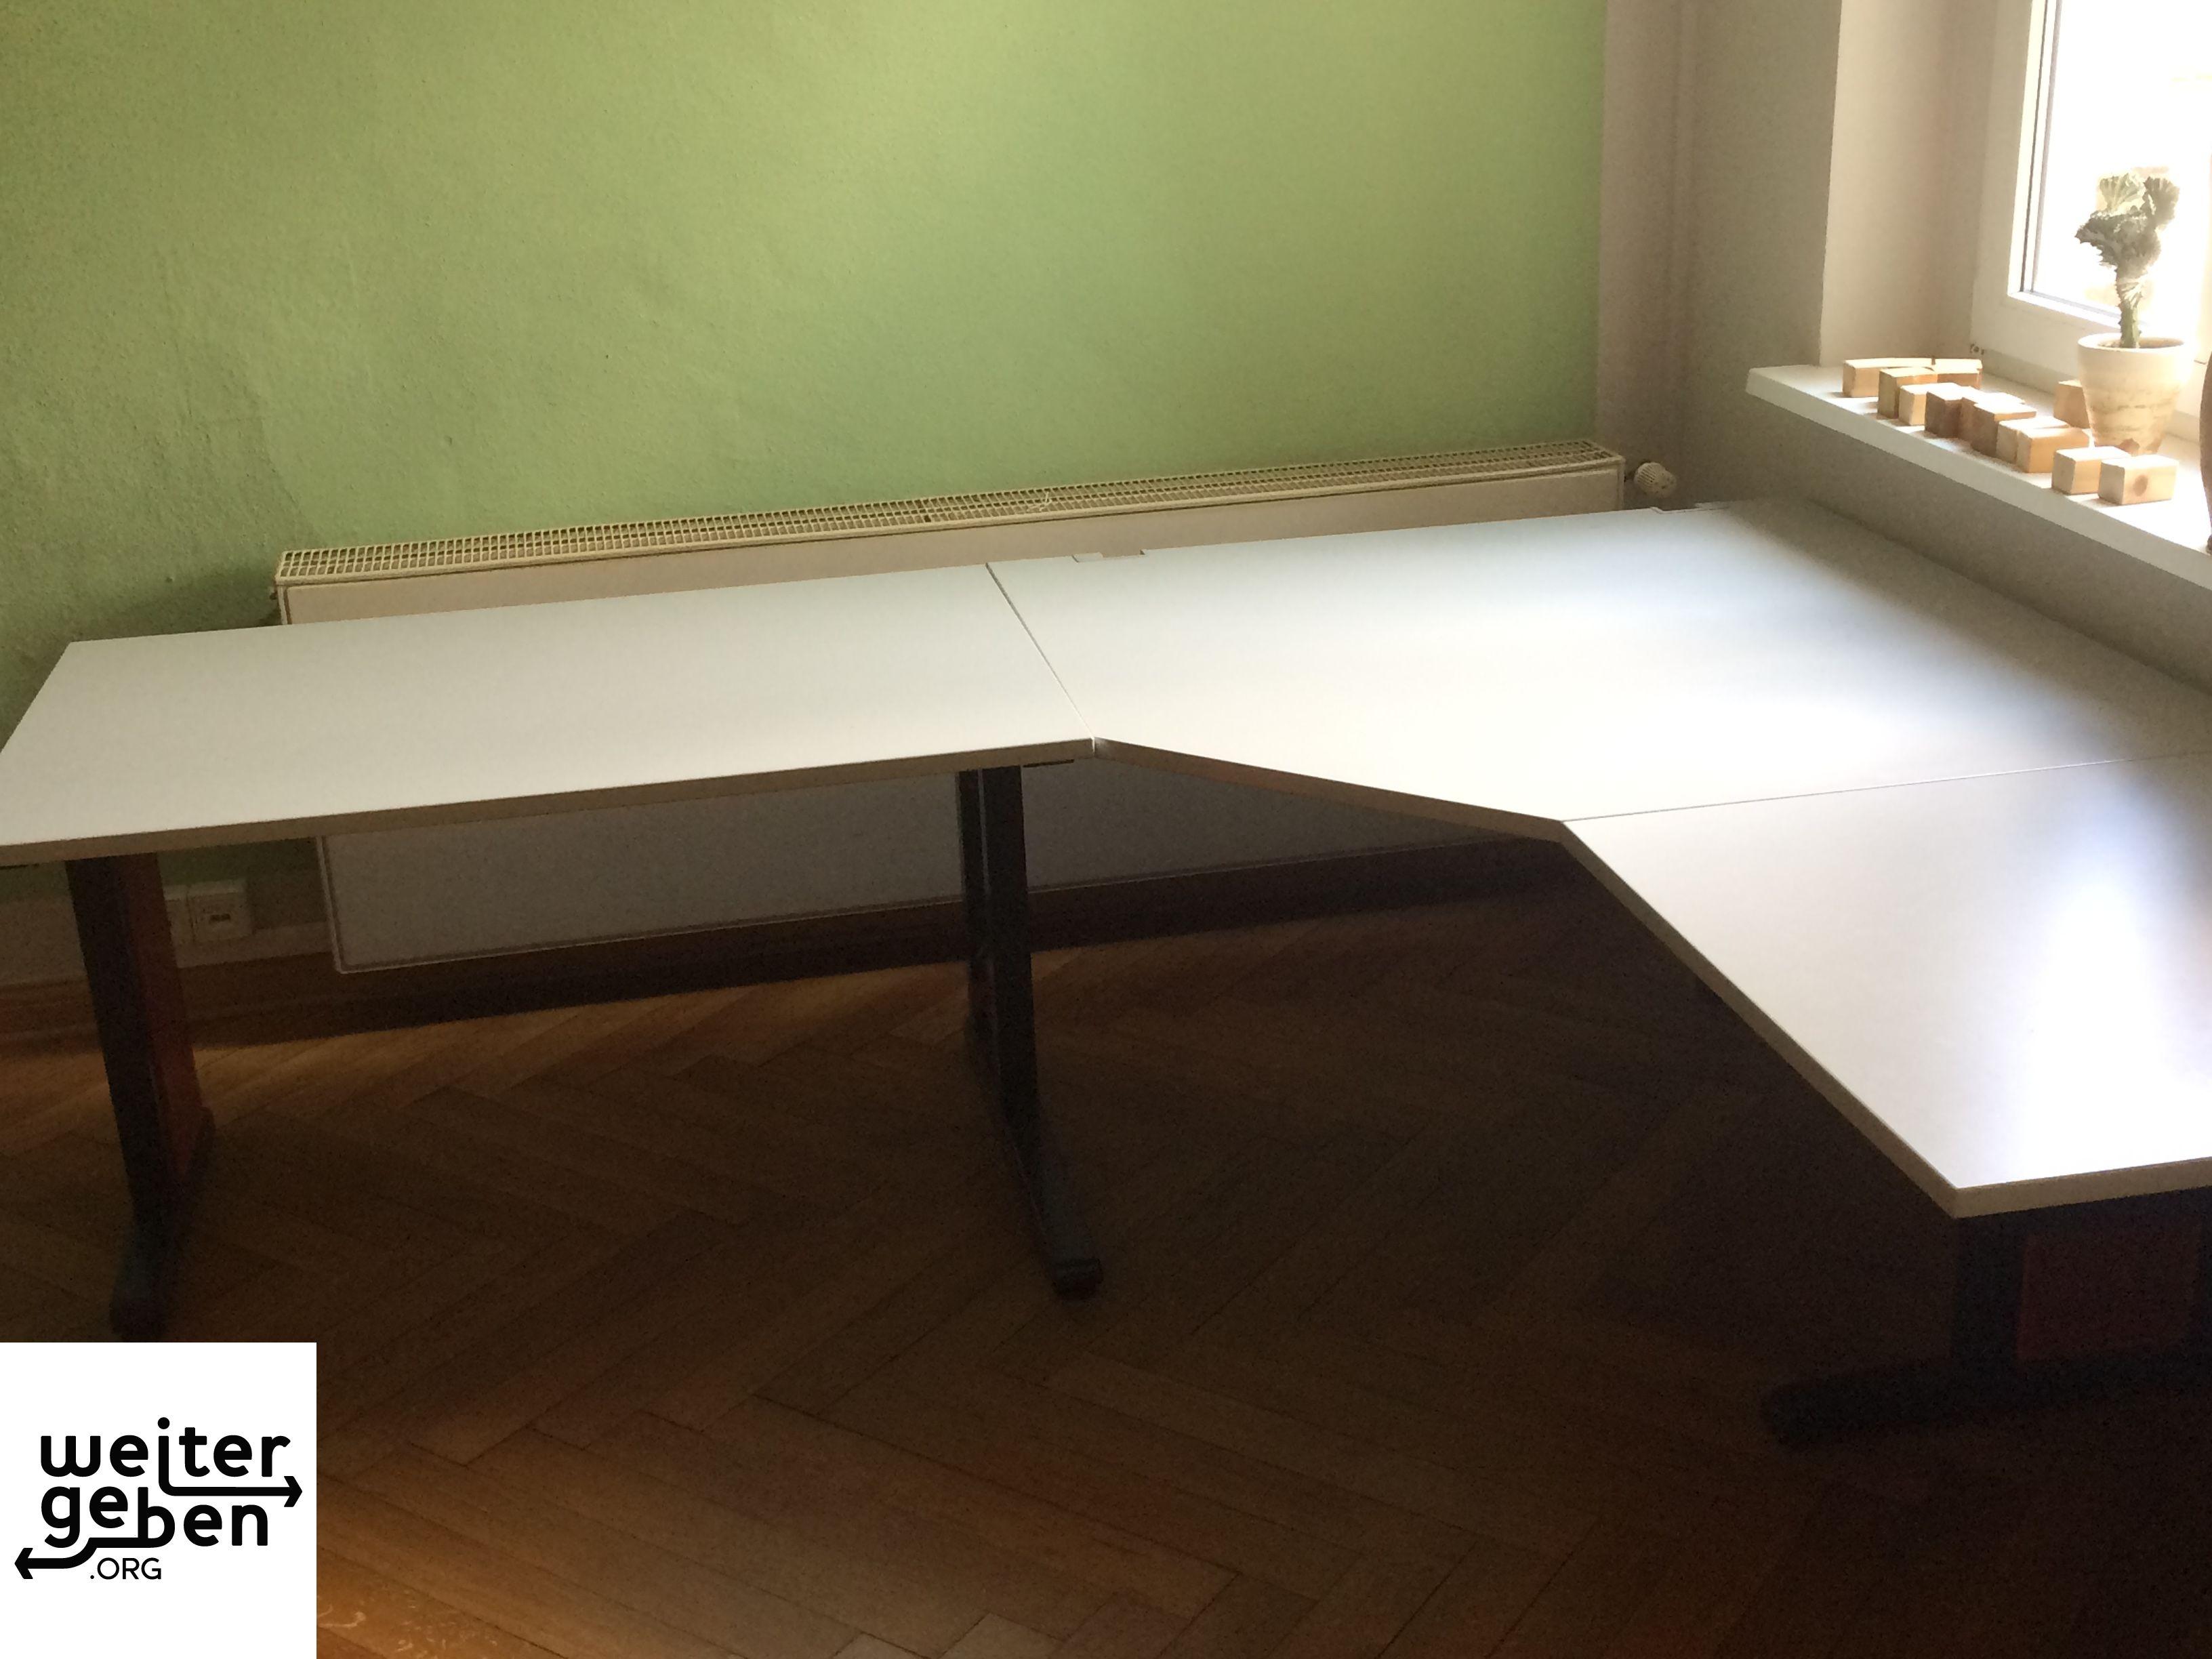 Möbel In Köln Spenden Breite 50 Cm Top Medium Size Of Ideen Stub